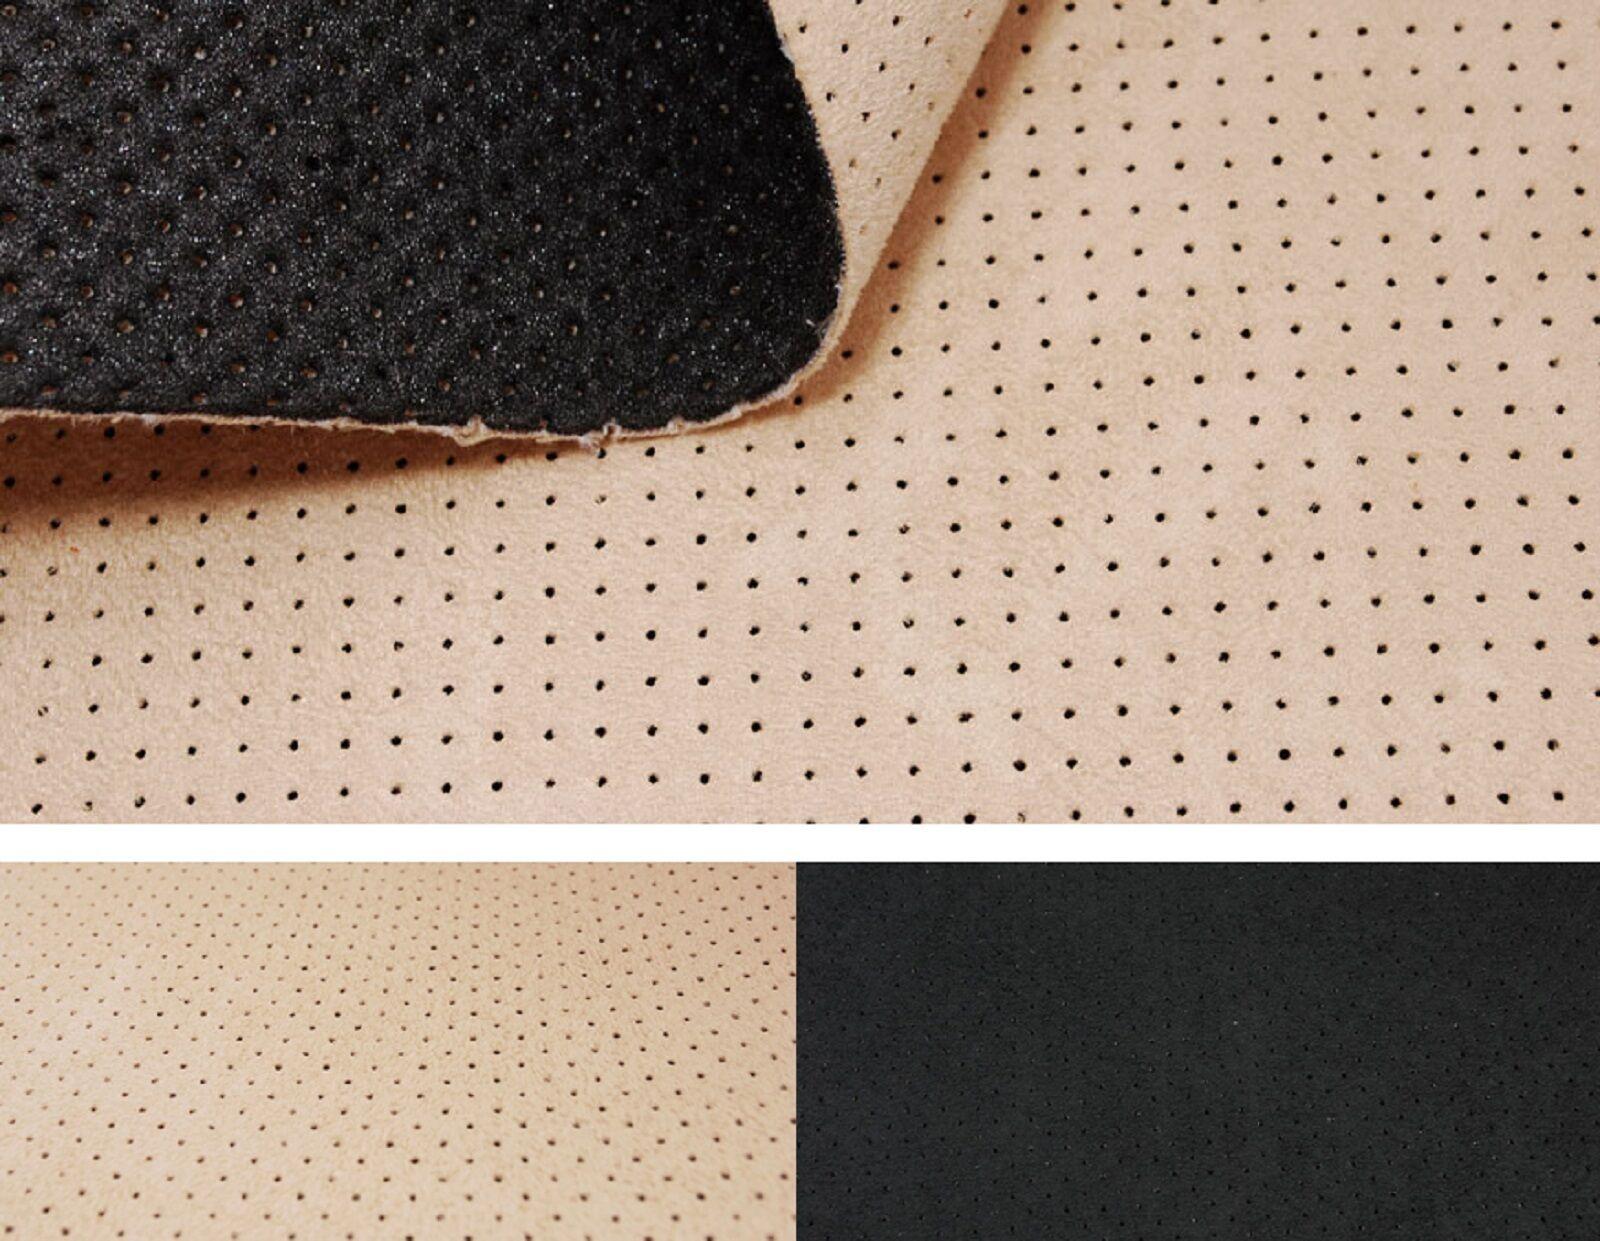 tissu pour recouvrement de si ge de voiture alicante extra perfor ebay. Black Bedroom Furniture Sets. Home Design Ideas